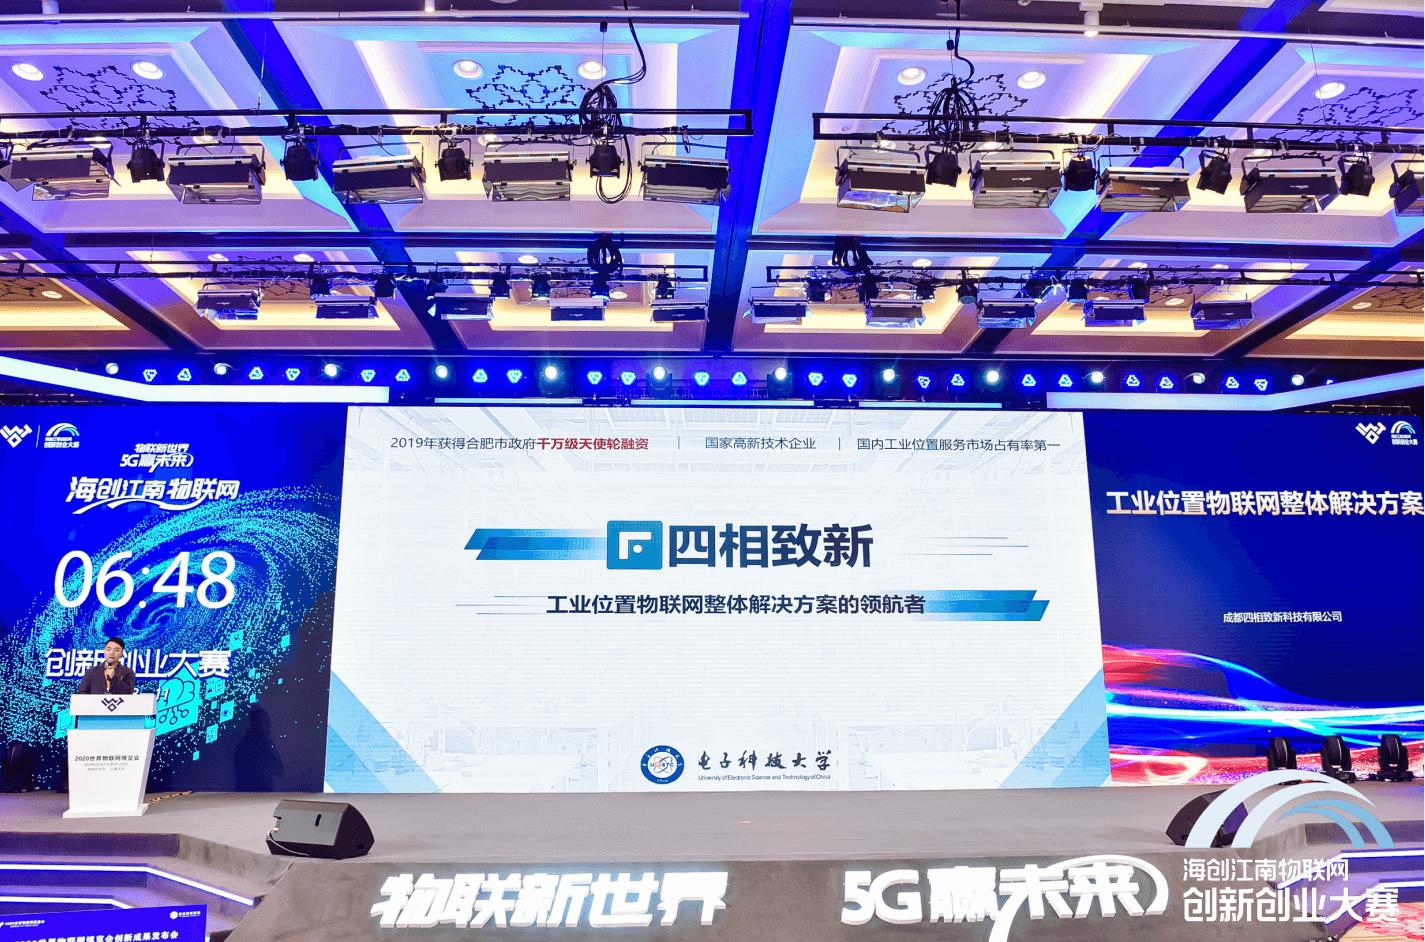 四相科技成功签约2020海创江南物联网创新创业大赛孵化计划,共创物联新世界